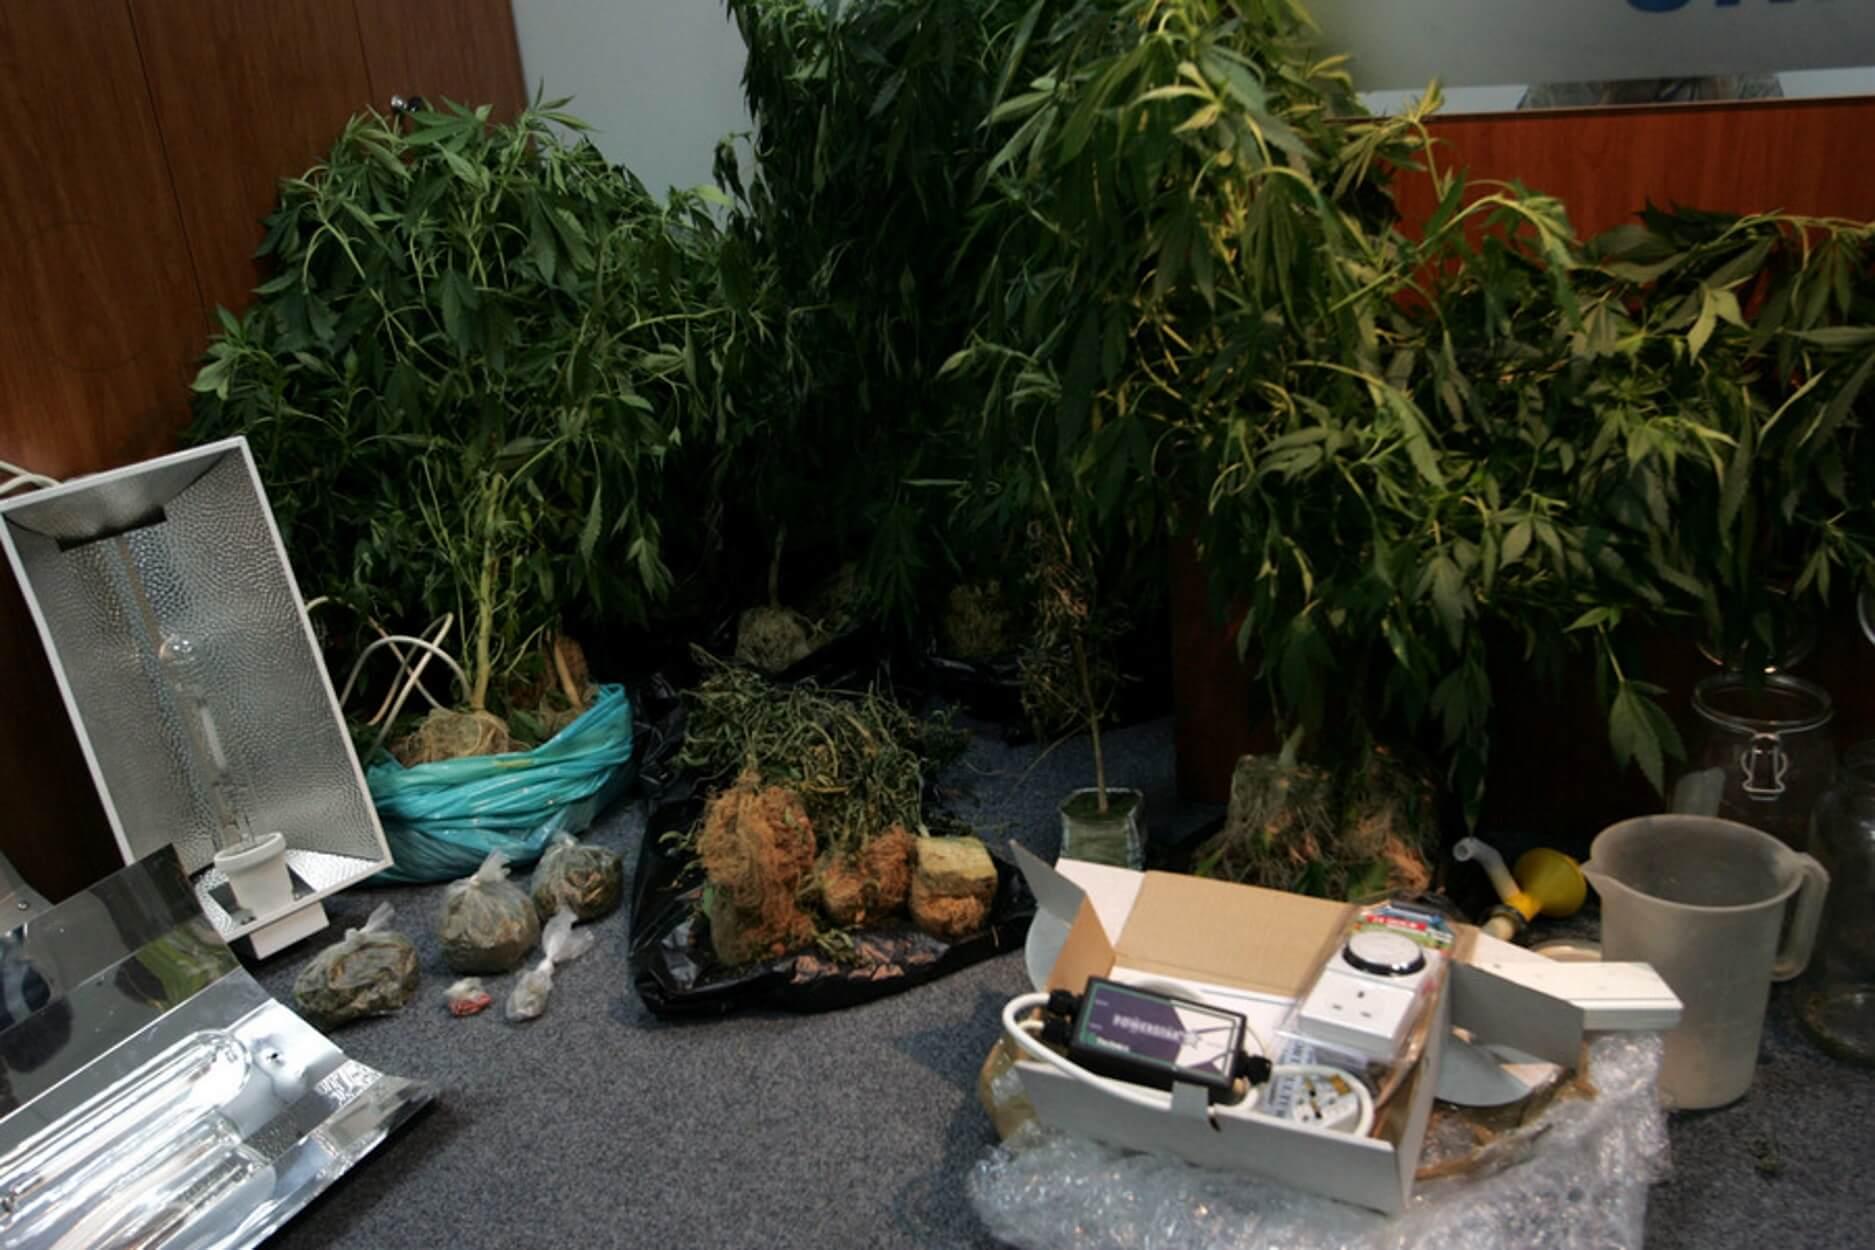 Βοιωτία: Μεγάλη επιχείρηση της Δίωξης Ναρκωτικών – Κατασχέθηκαν 12.800 δενδρύλια χασίς!